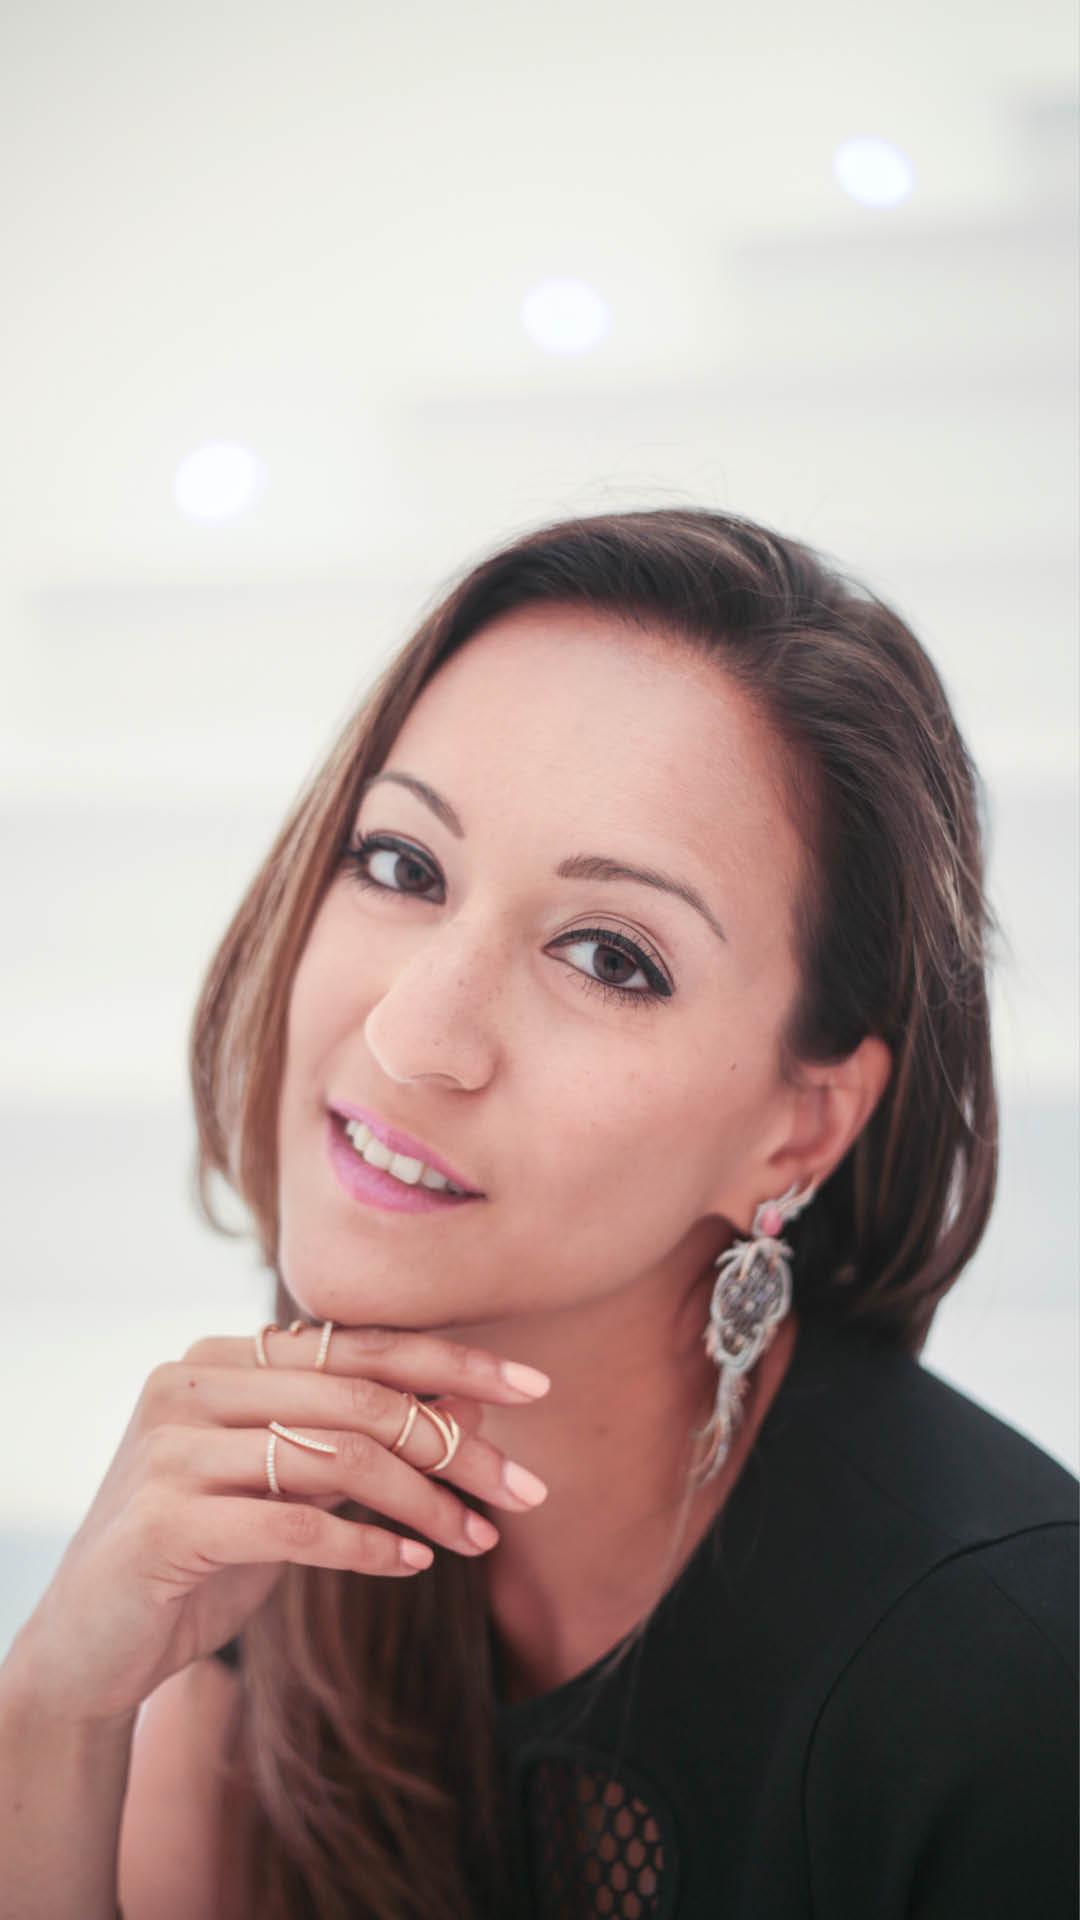 Suwaidi-Pearls-Sarah-Ho